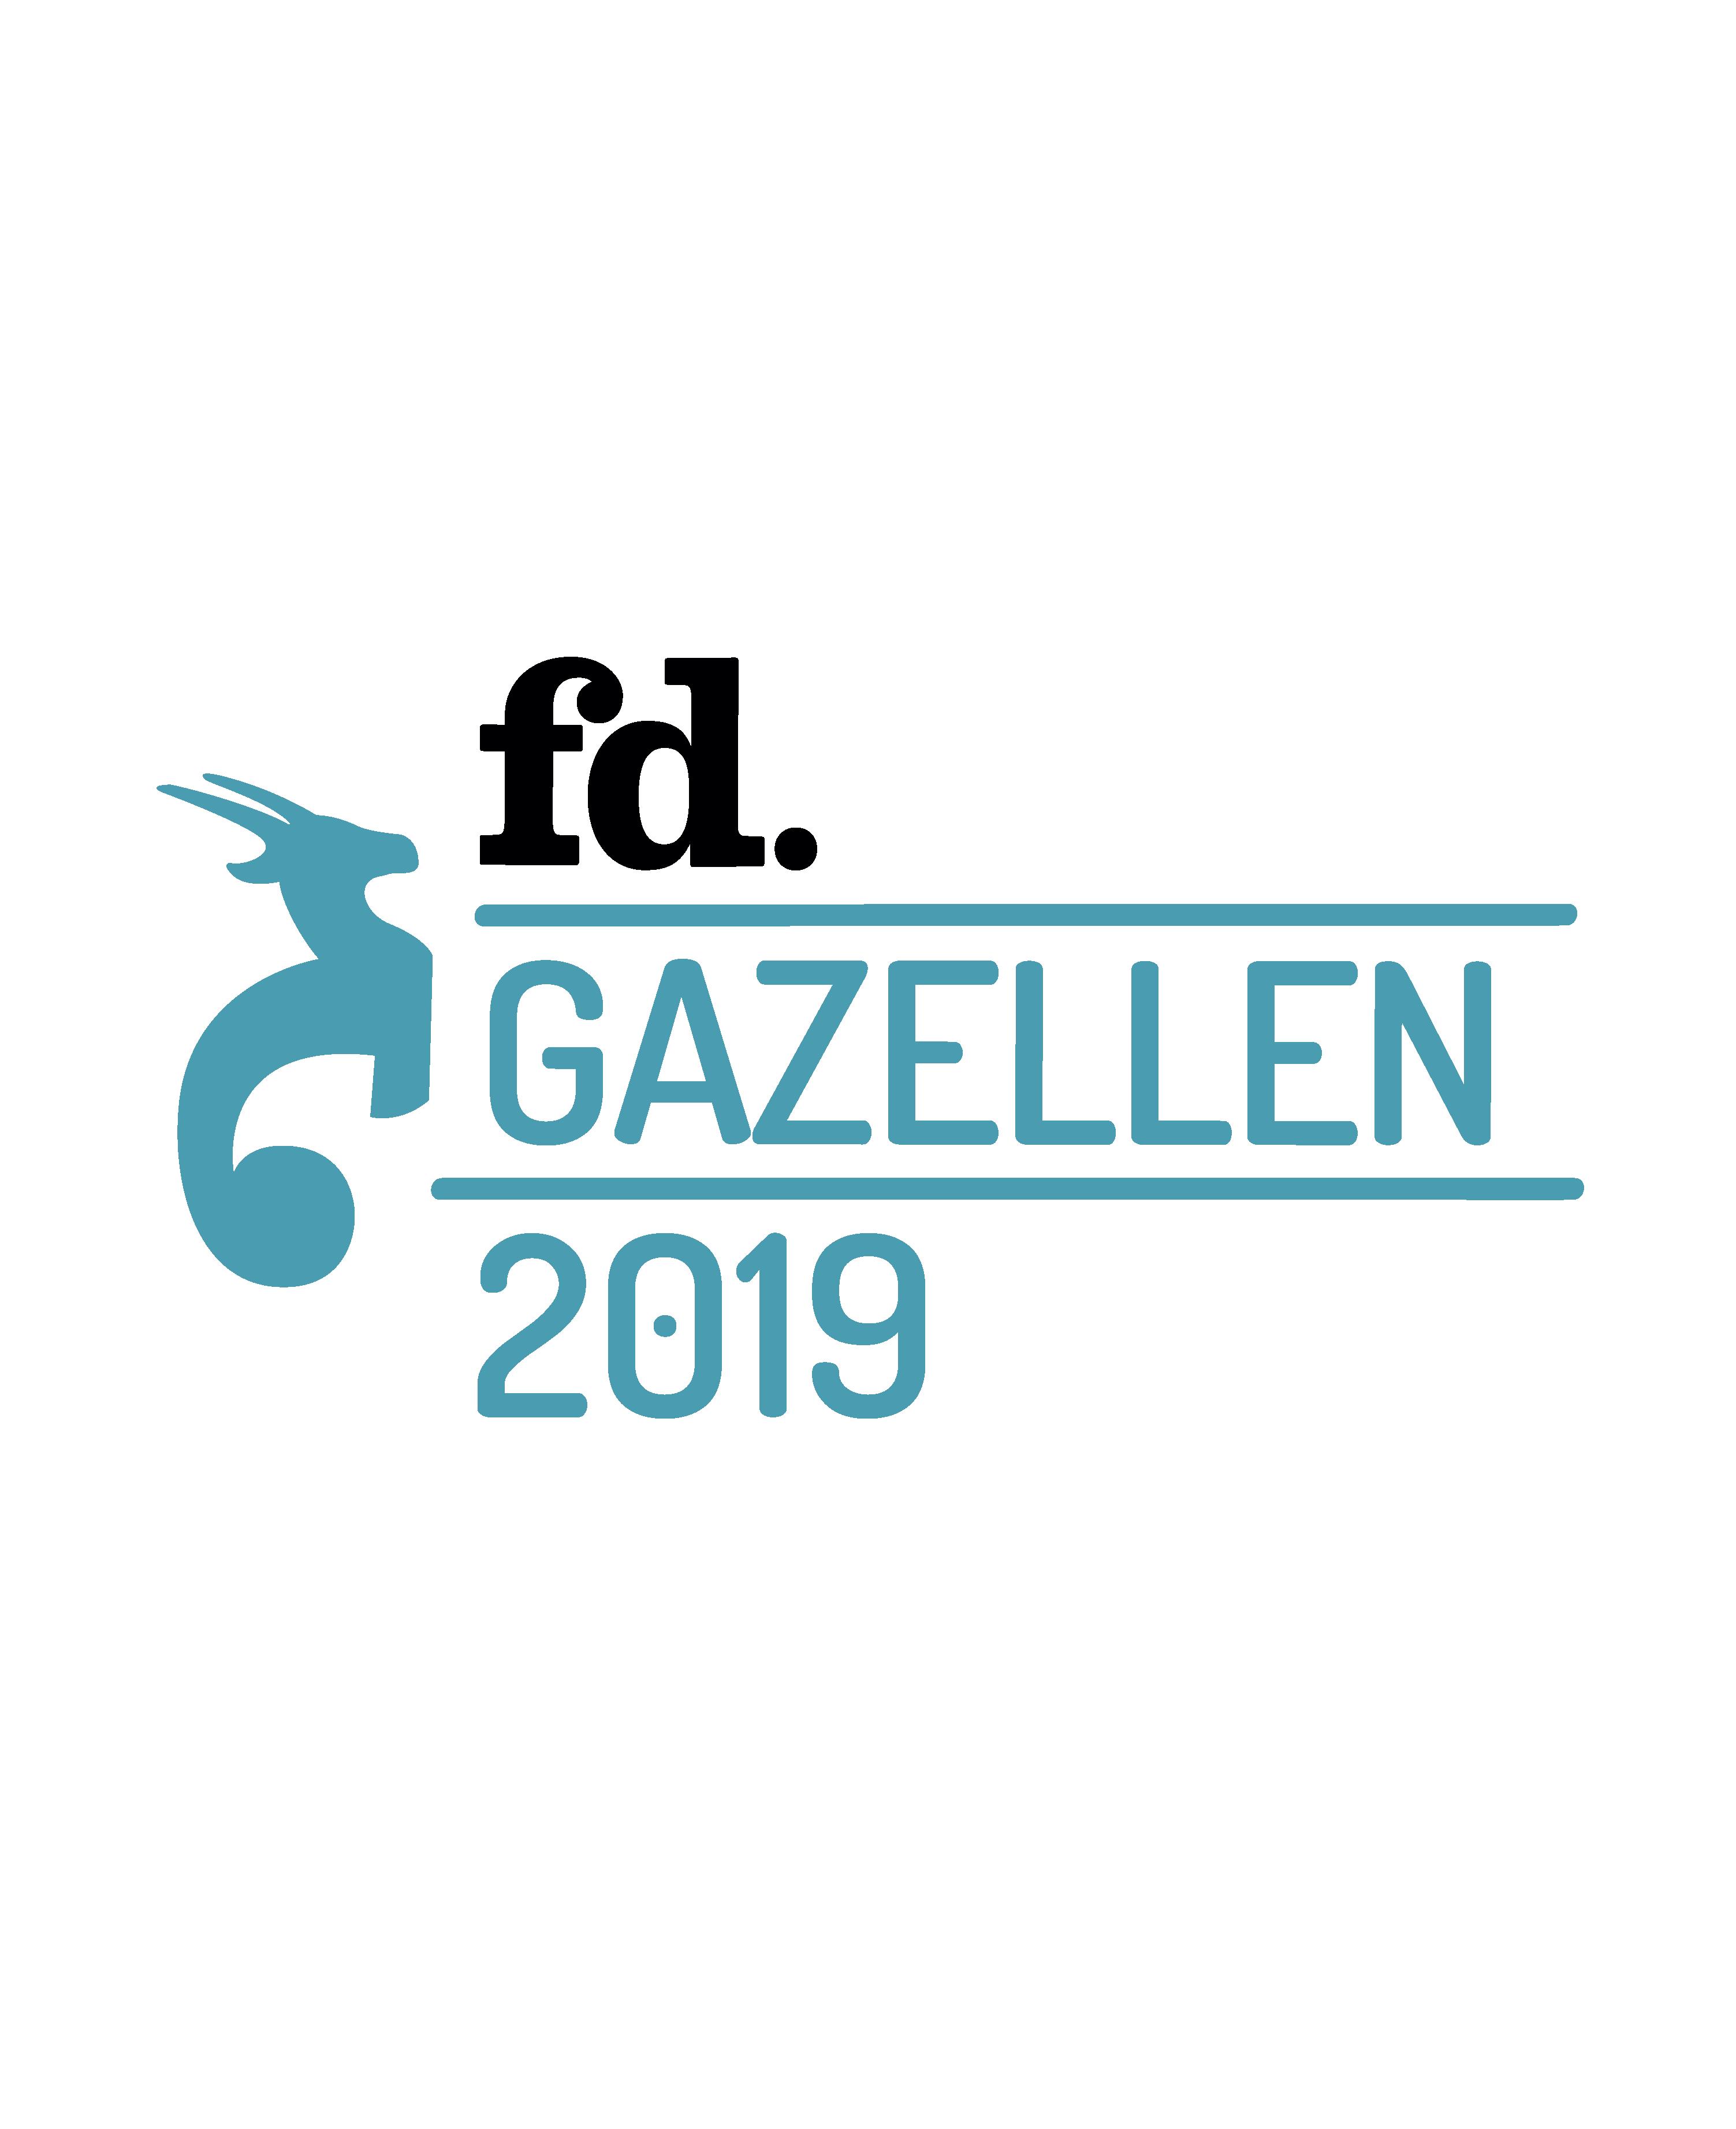 FD-Gazellen-2019-1